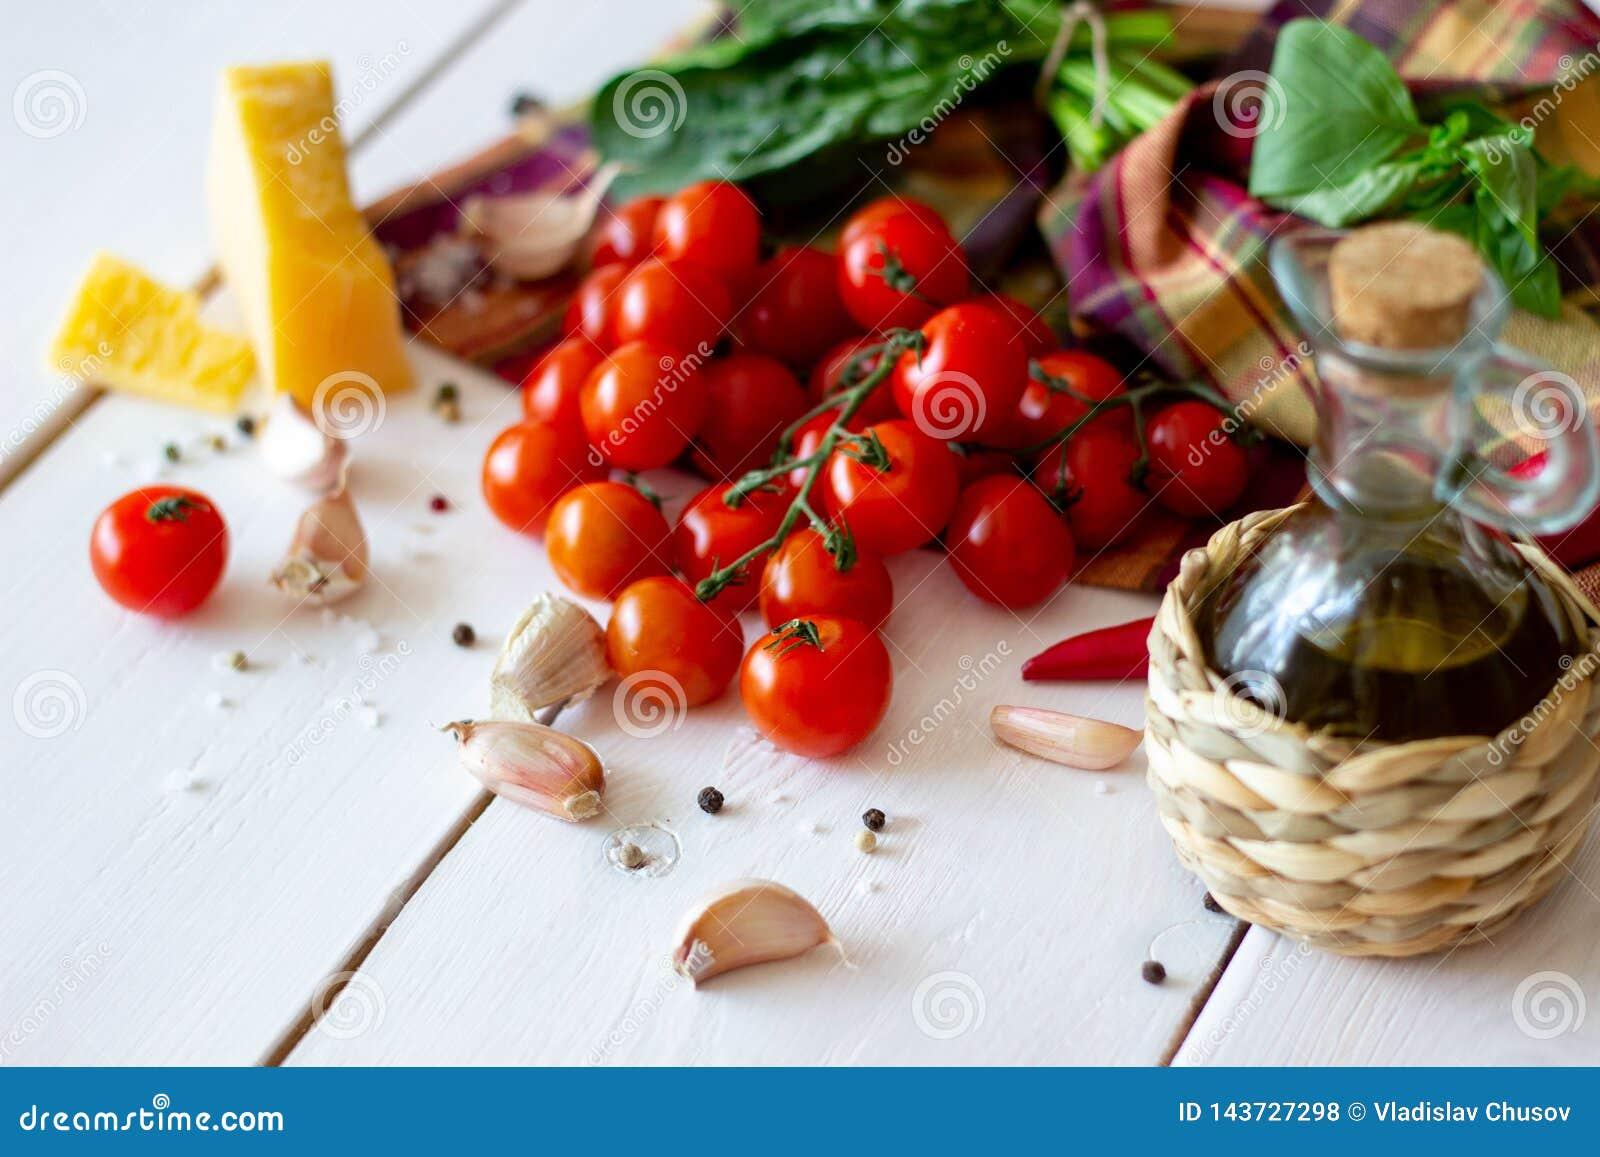 Παρμεζάνα, ντομάτες, ελαιόλαδο και άλλα συστατικά για τη σάλτσα σαλάτας Άσπρη ανασκόπηση